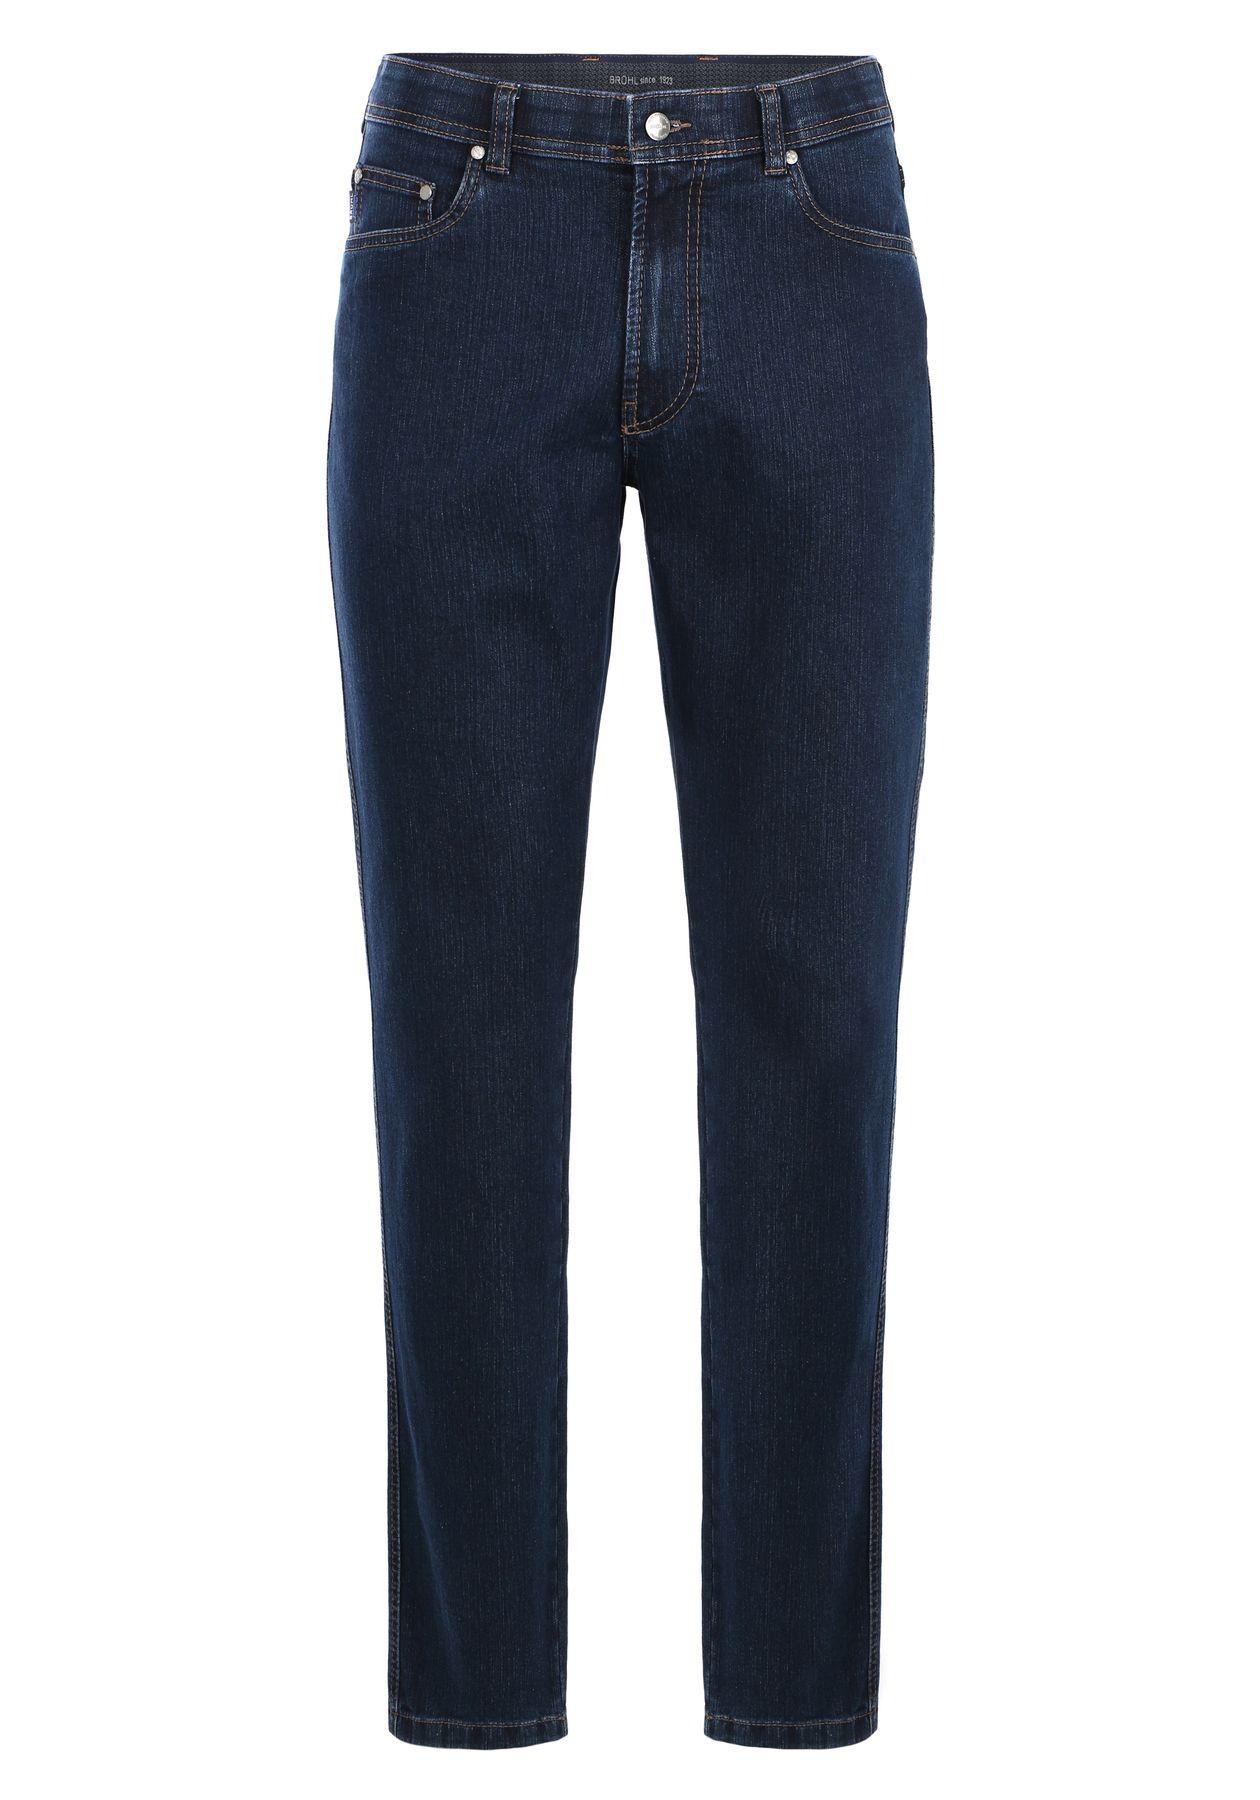 Brühl - Herren Five-Pocket Jeans in verschiedenen Farben, Genua 3 (0534003142100) – Bild 1